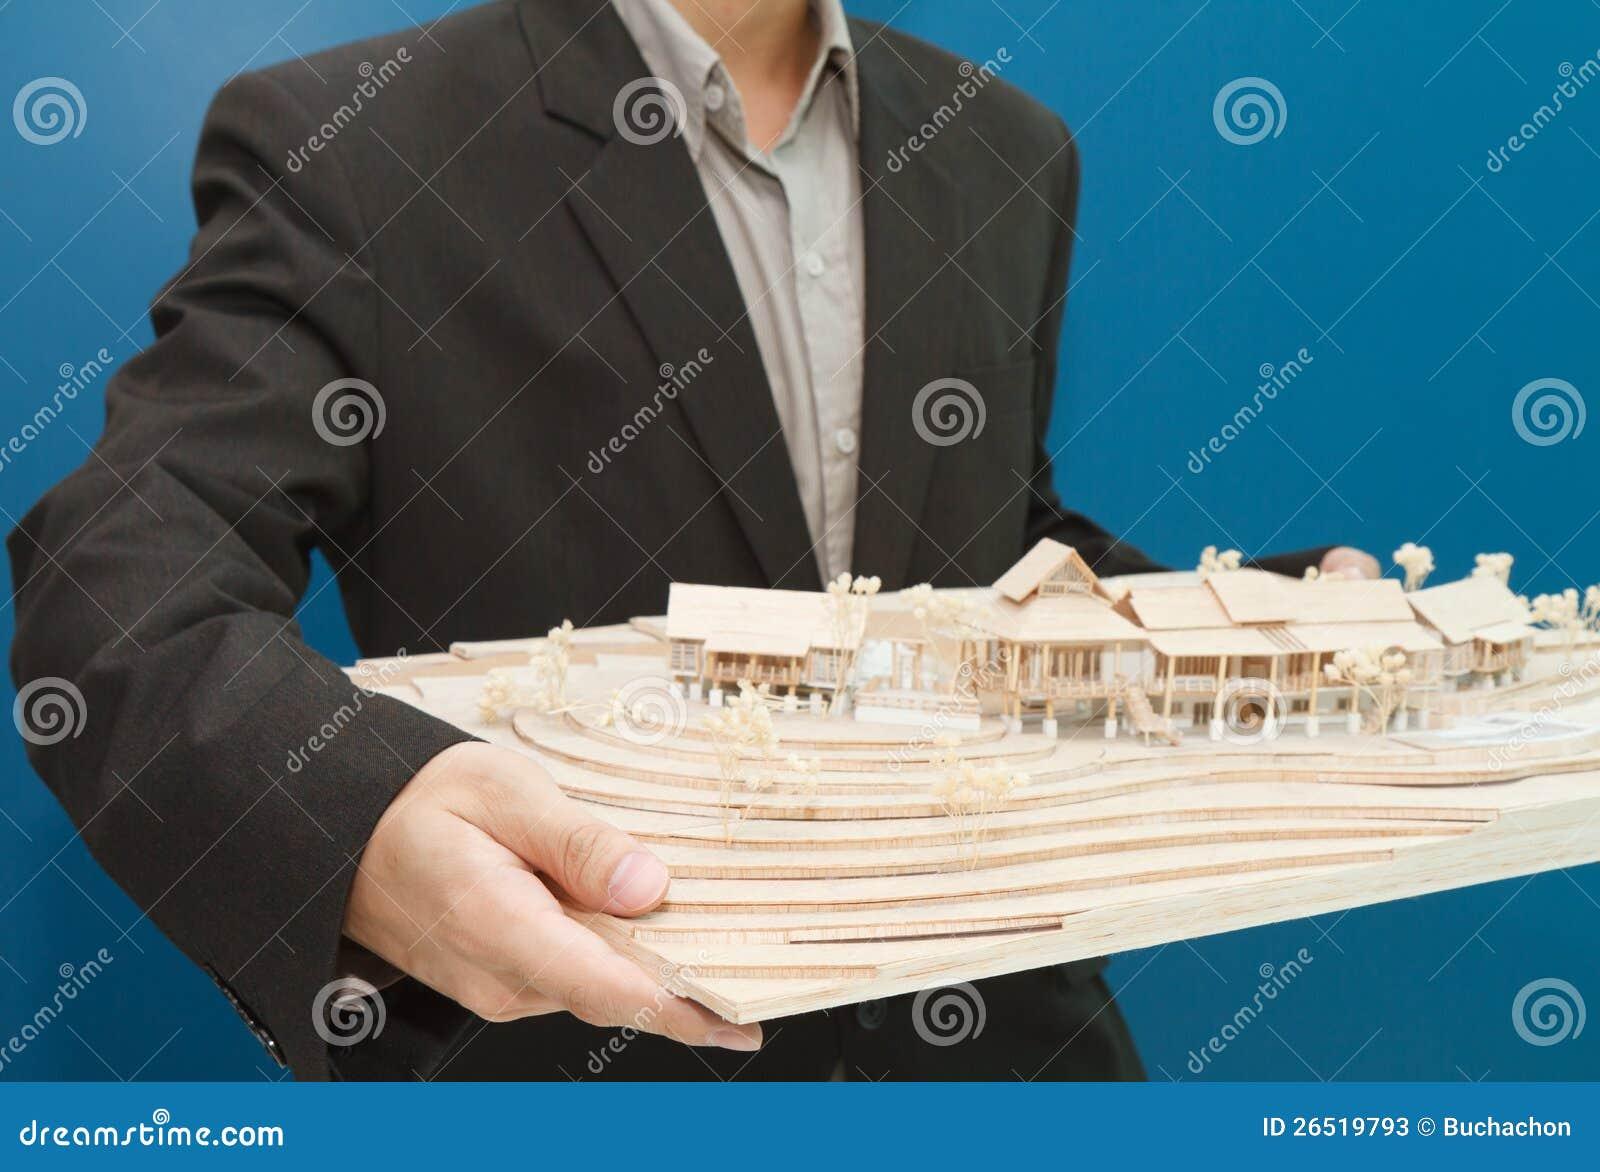 Equipe guardarar um modelo de uma casa em suas mãos.